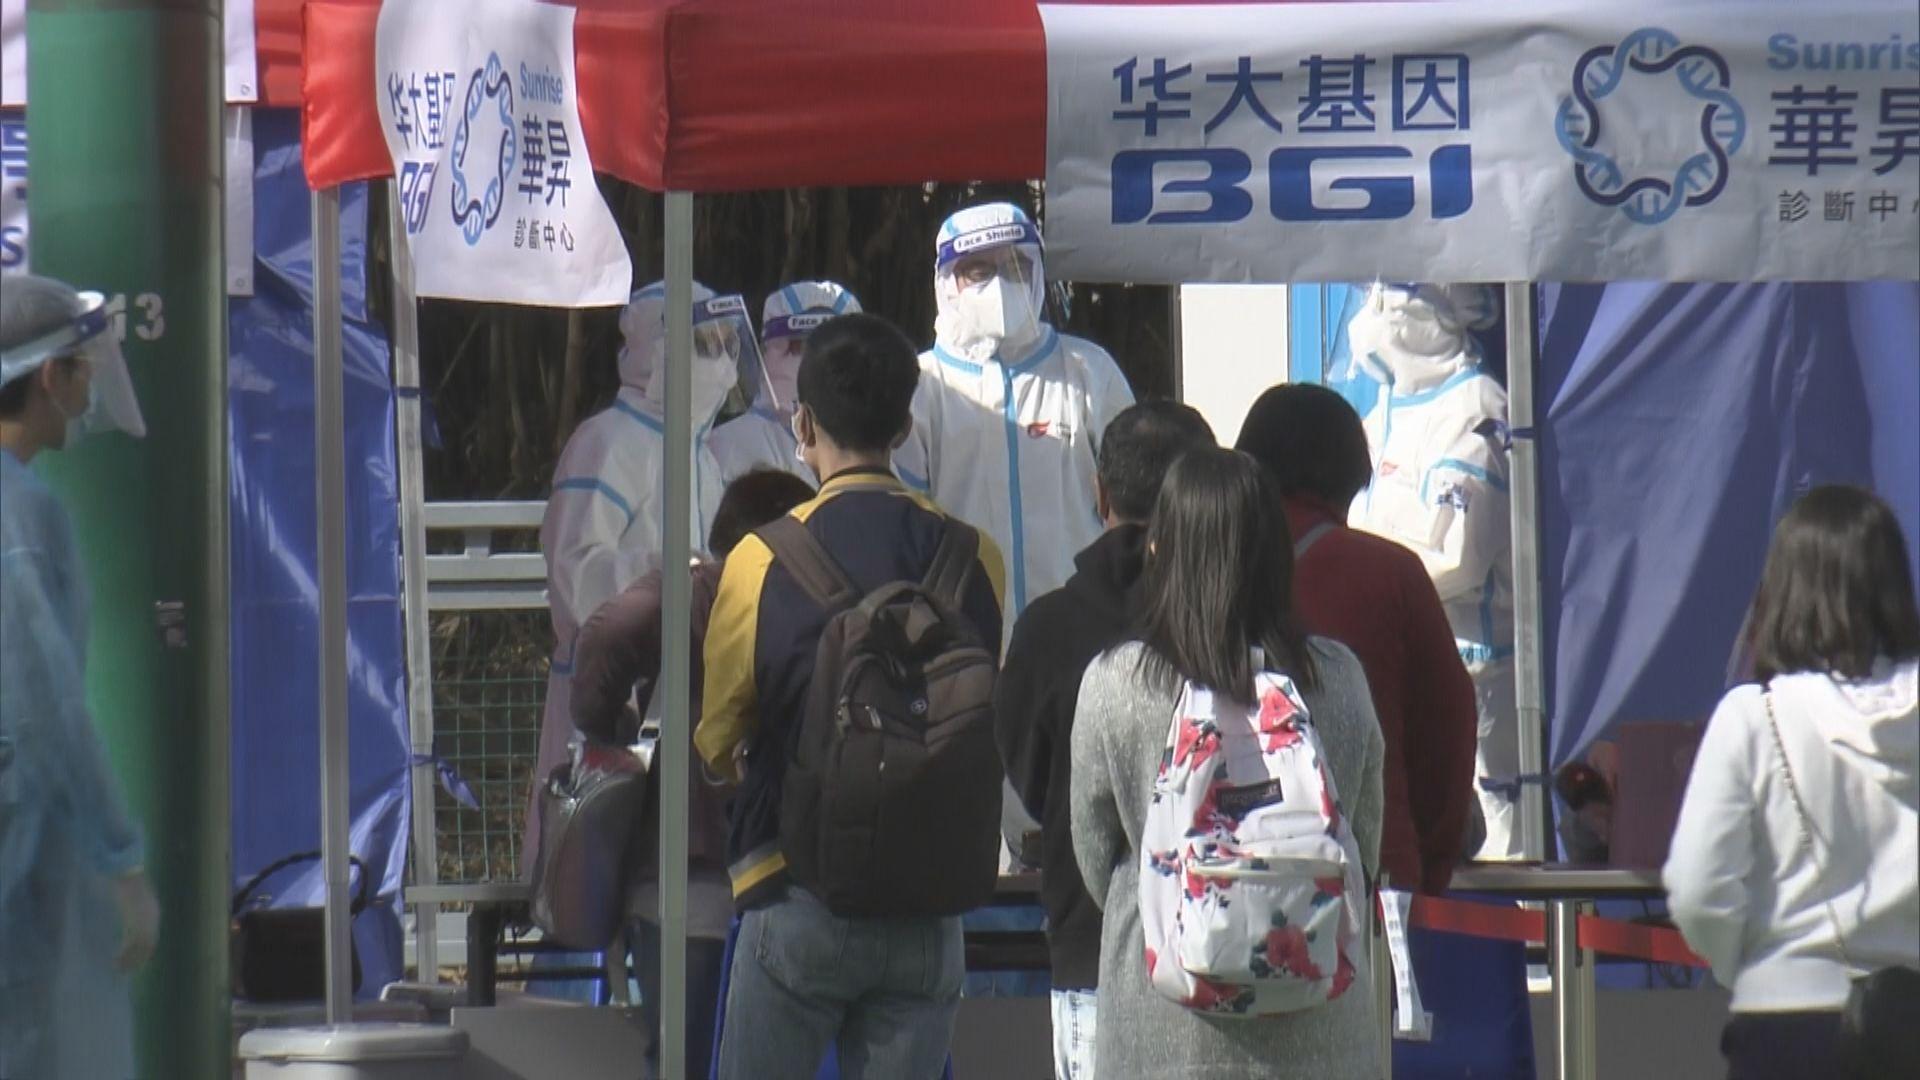 聯合醫院附近遊樂場設採樣站 為醫院職員及訪客檢測